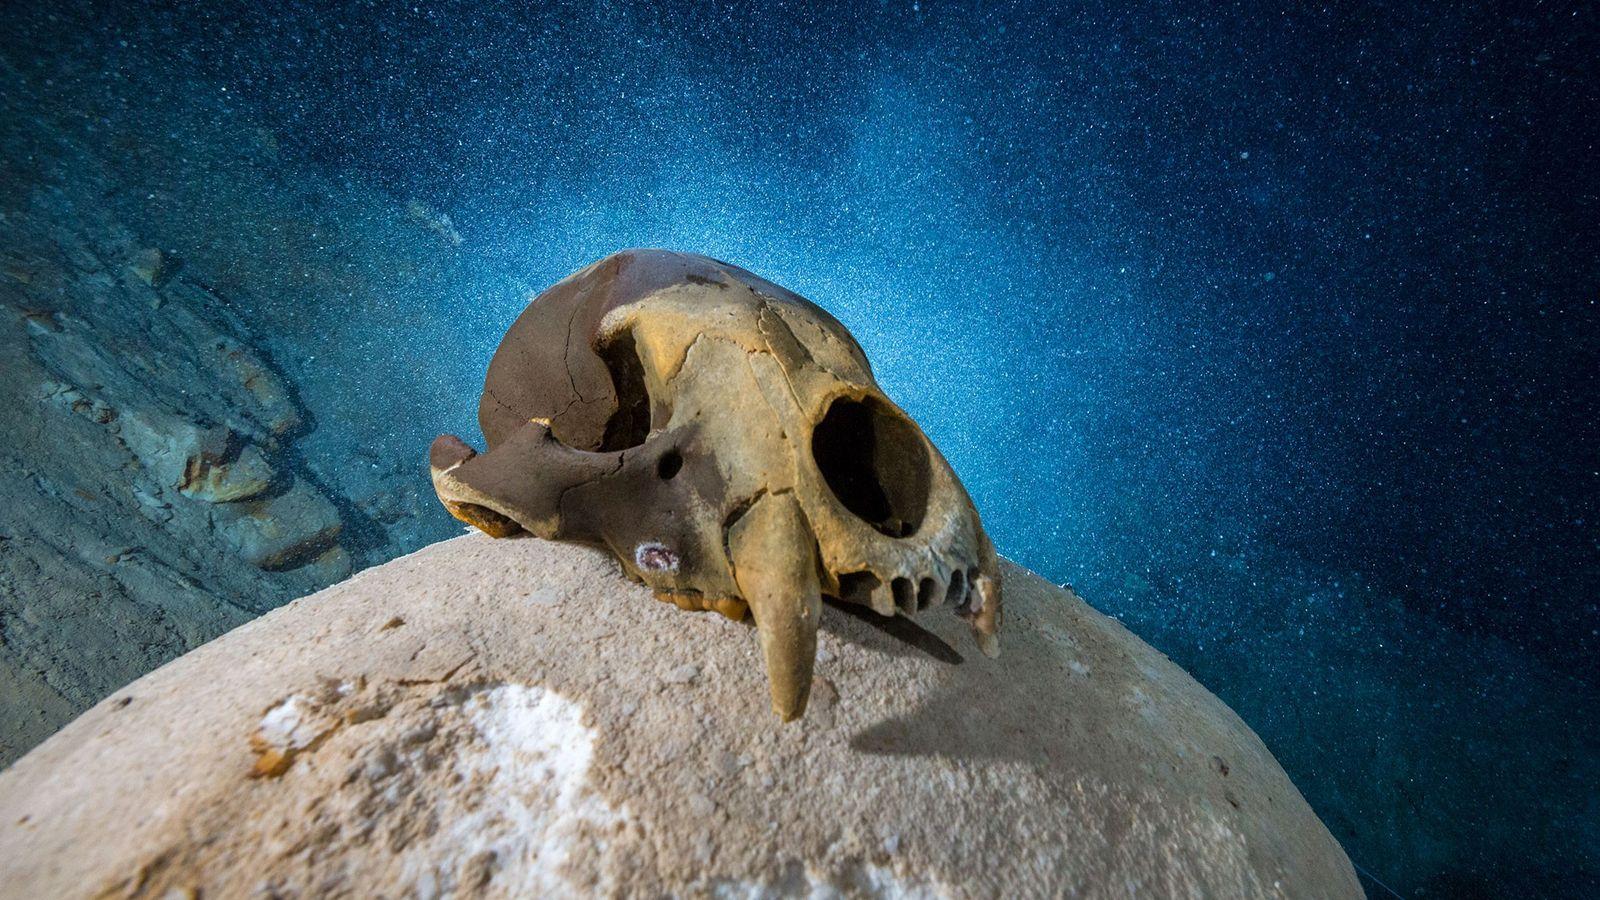 Predadores Da Idade Do Gelo Encontrados Junto Do Humano Mais Antigo Das Américas